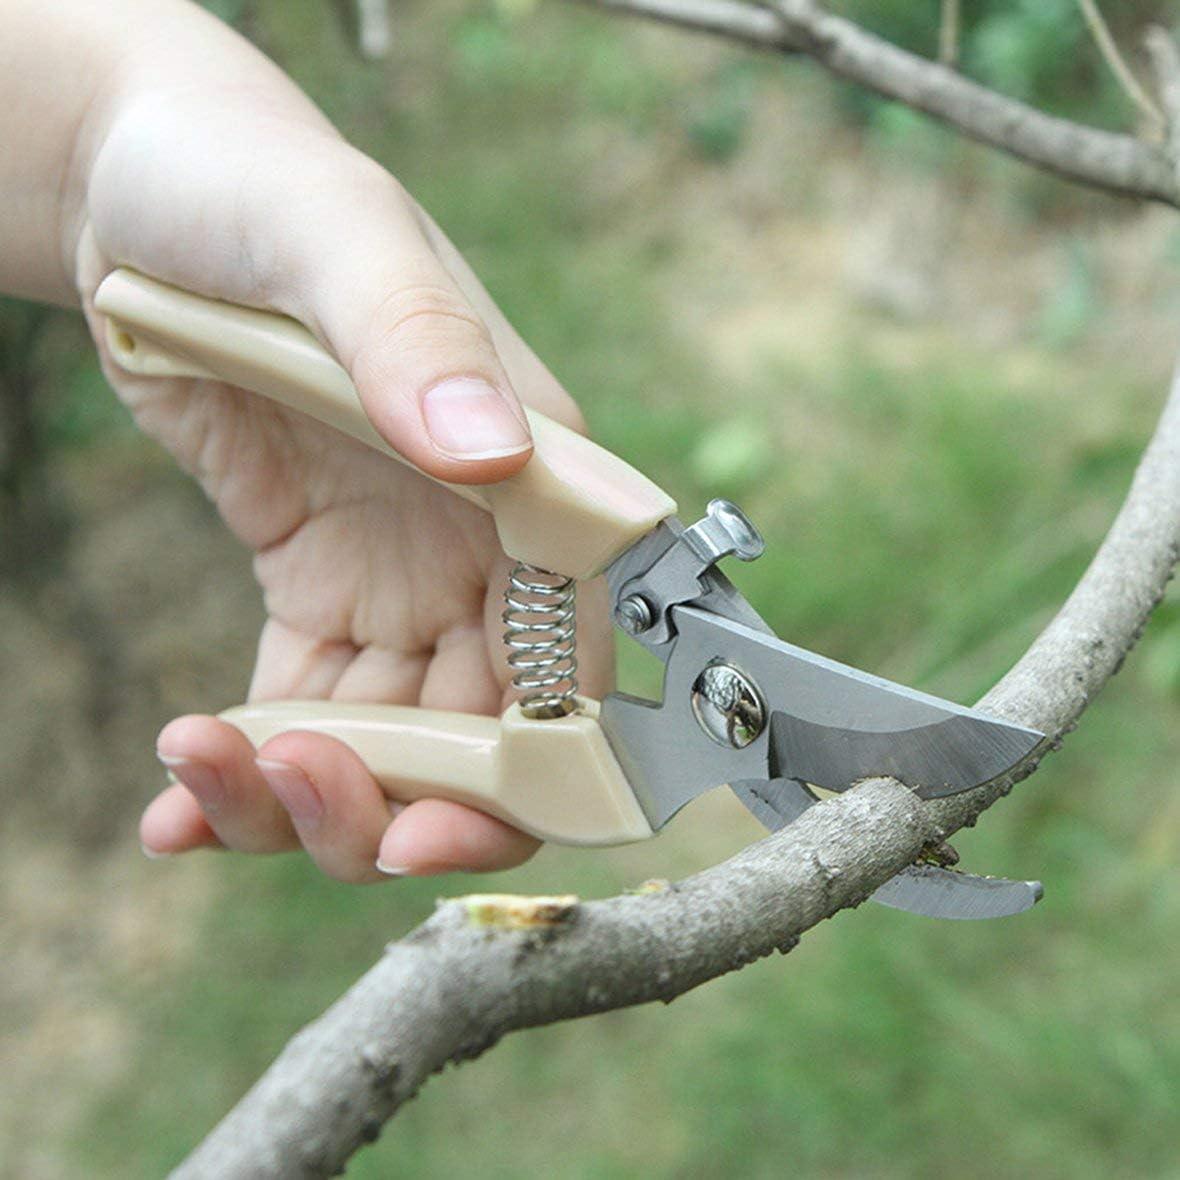 Heaviesk Tragbare Gartenschere Pfropfwerkzeug Obstbaum Gartenschere Bonsai Pruners Gartenschere Gartenschere Gartenschere